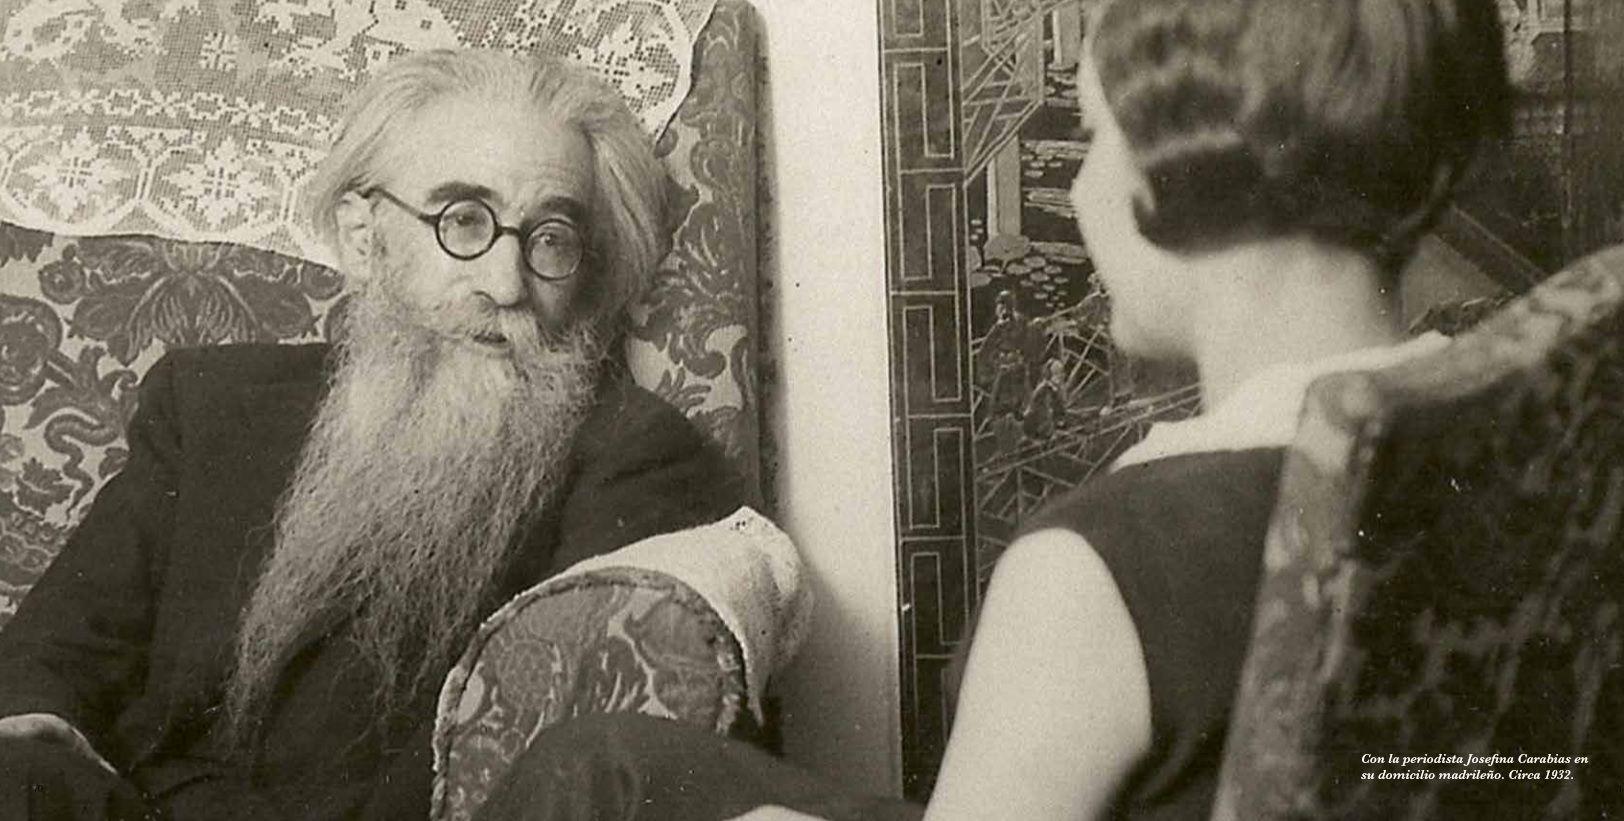 valle y la periodista josefina carabias 1932.jpg